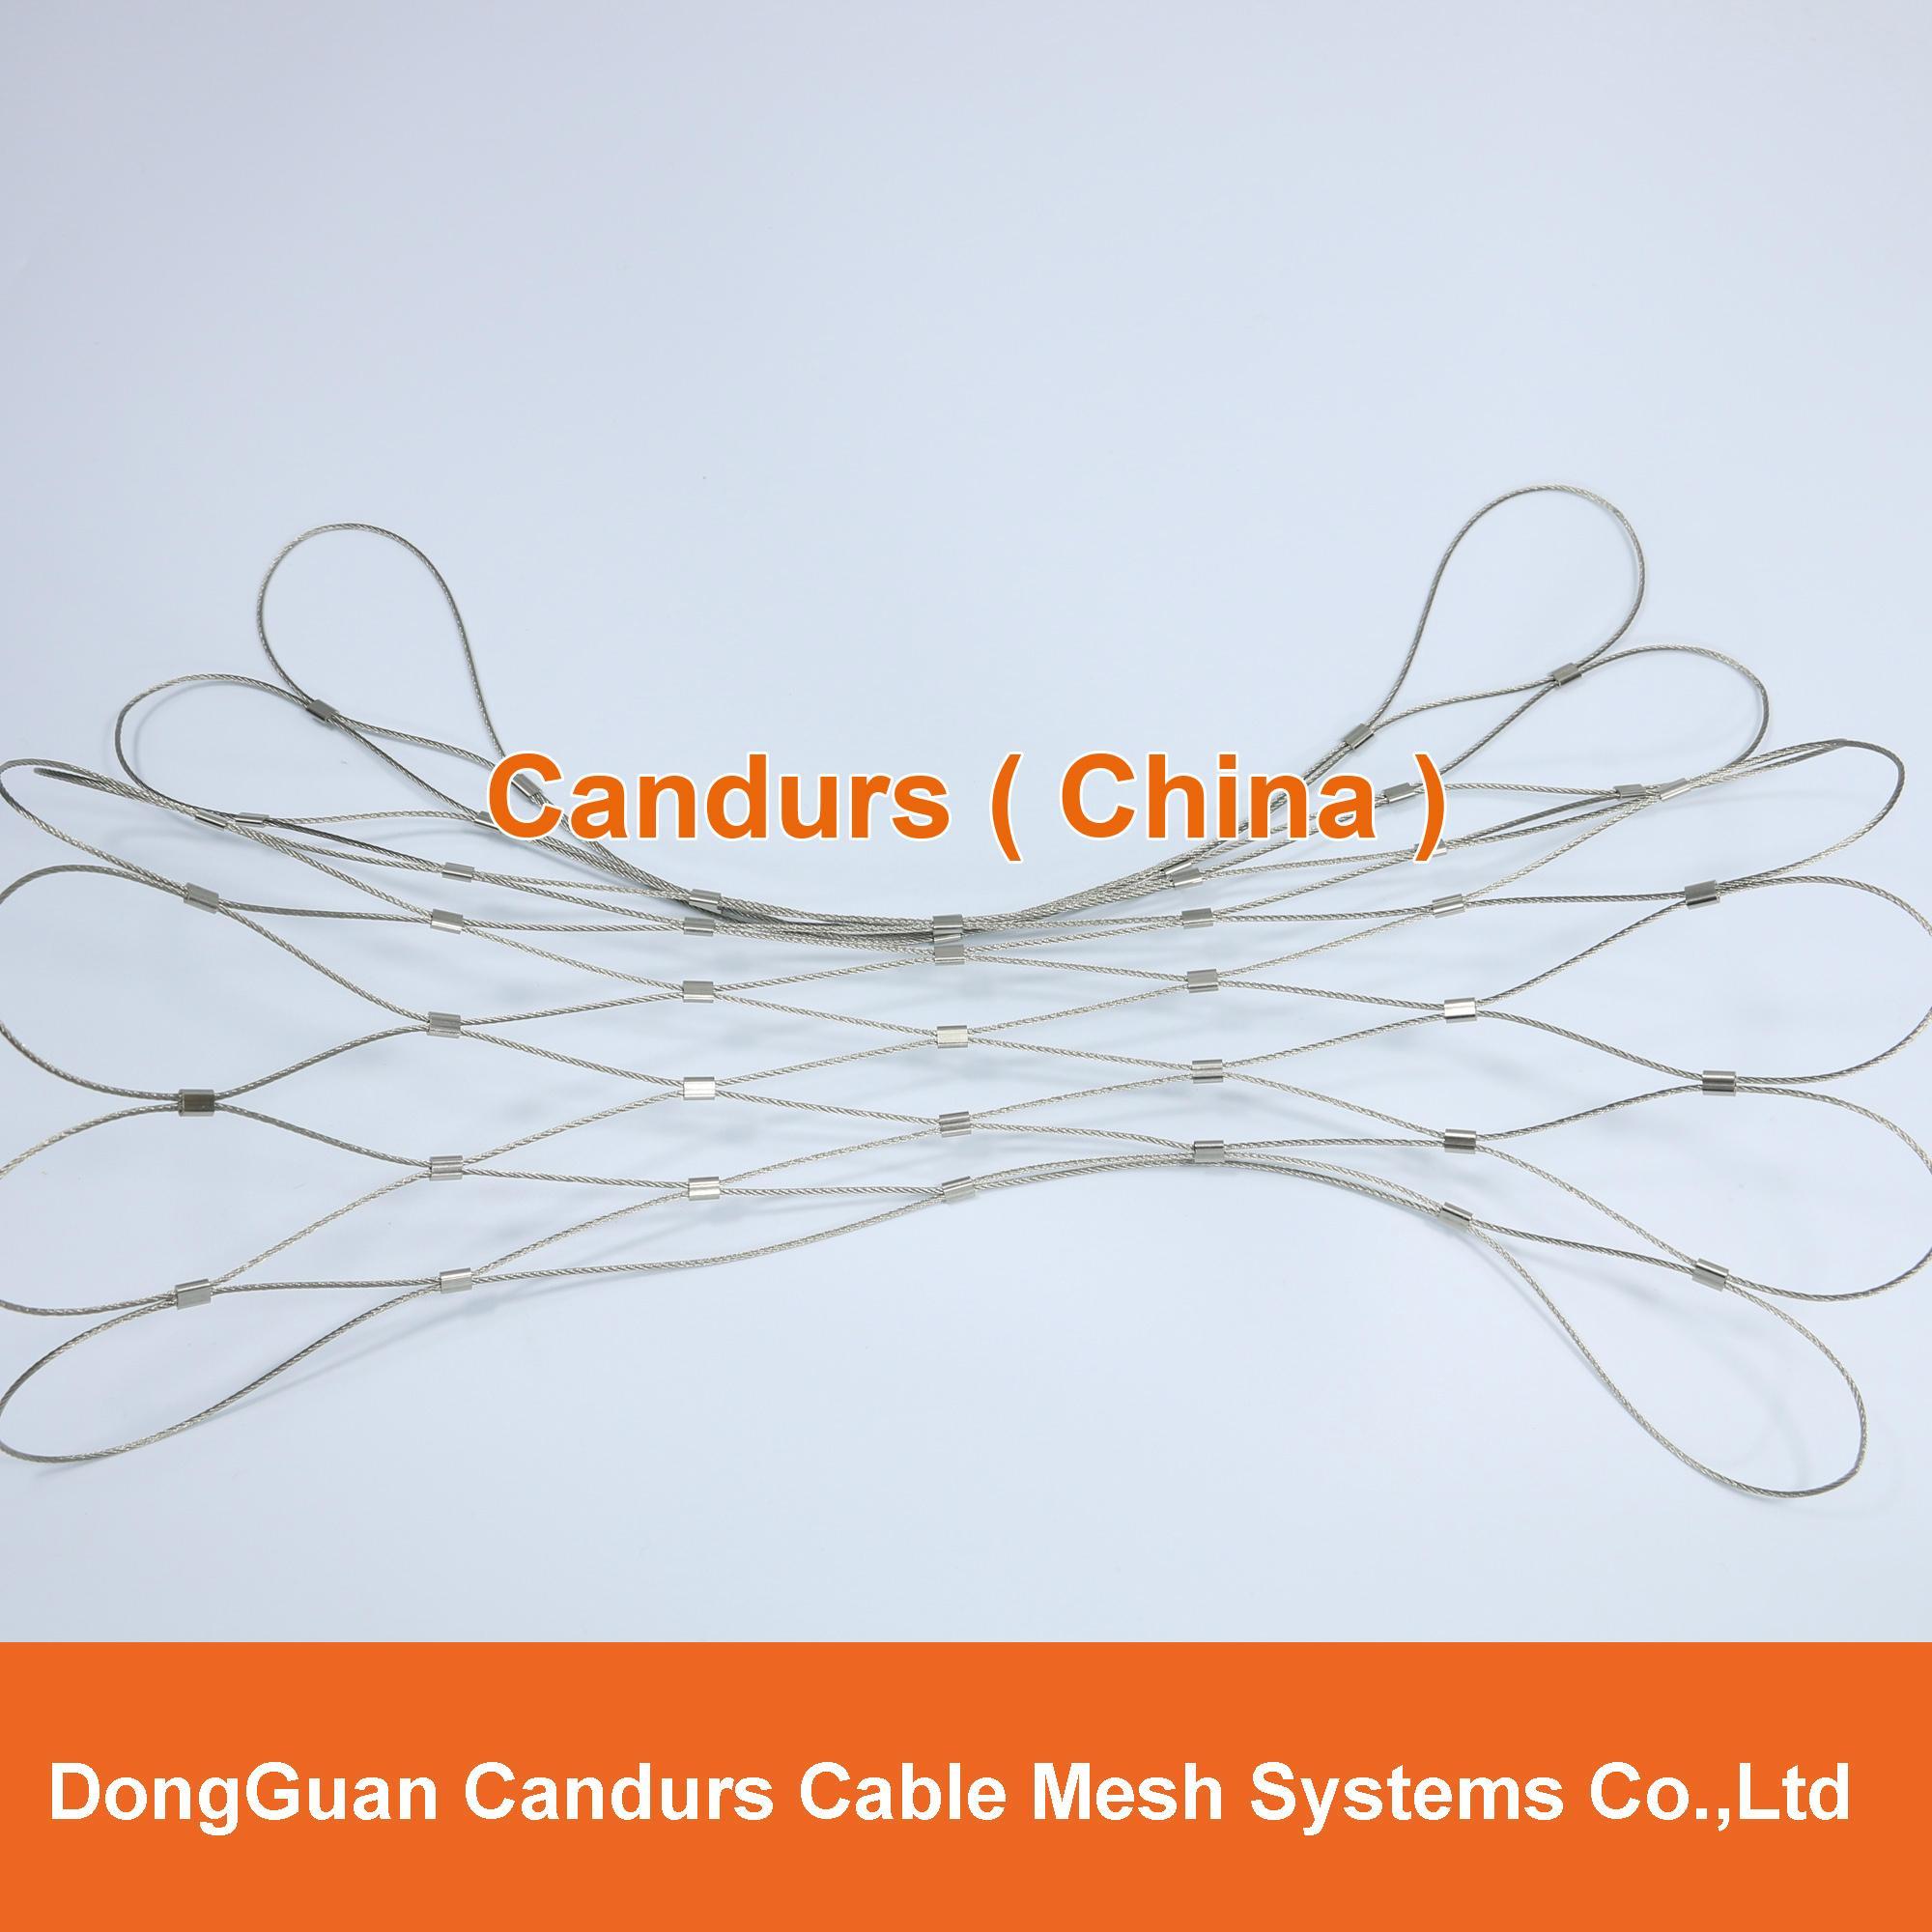 供應不鏽鋼壓扣鋼絲繩網 7